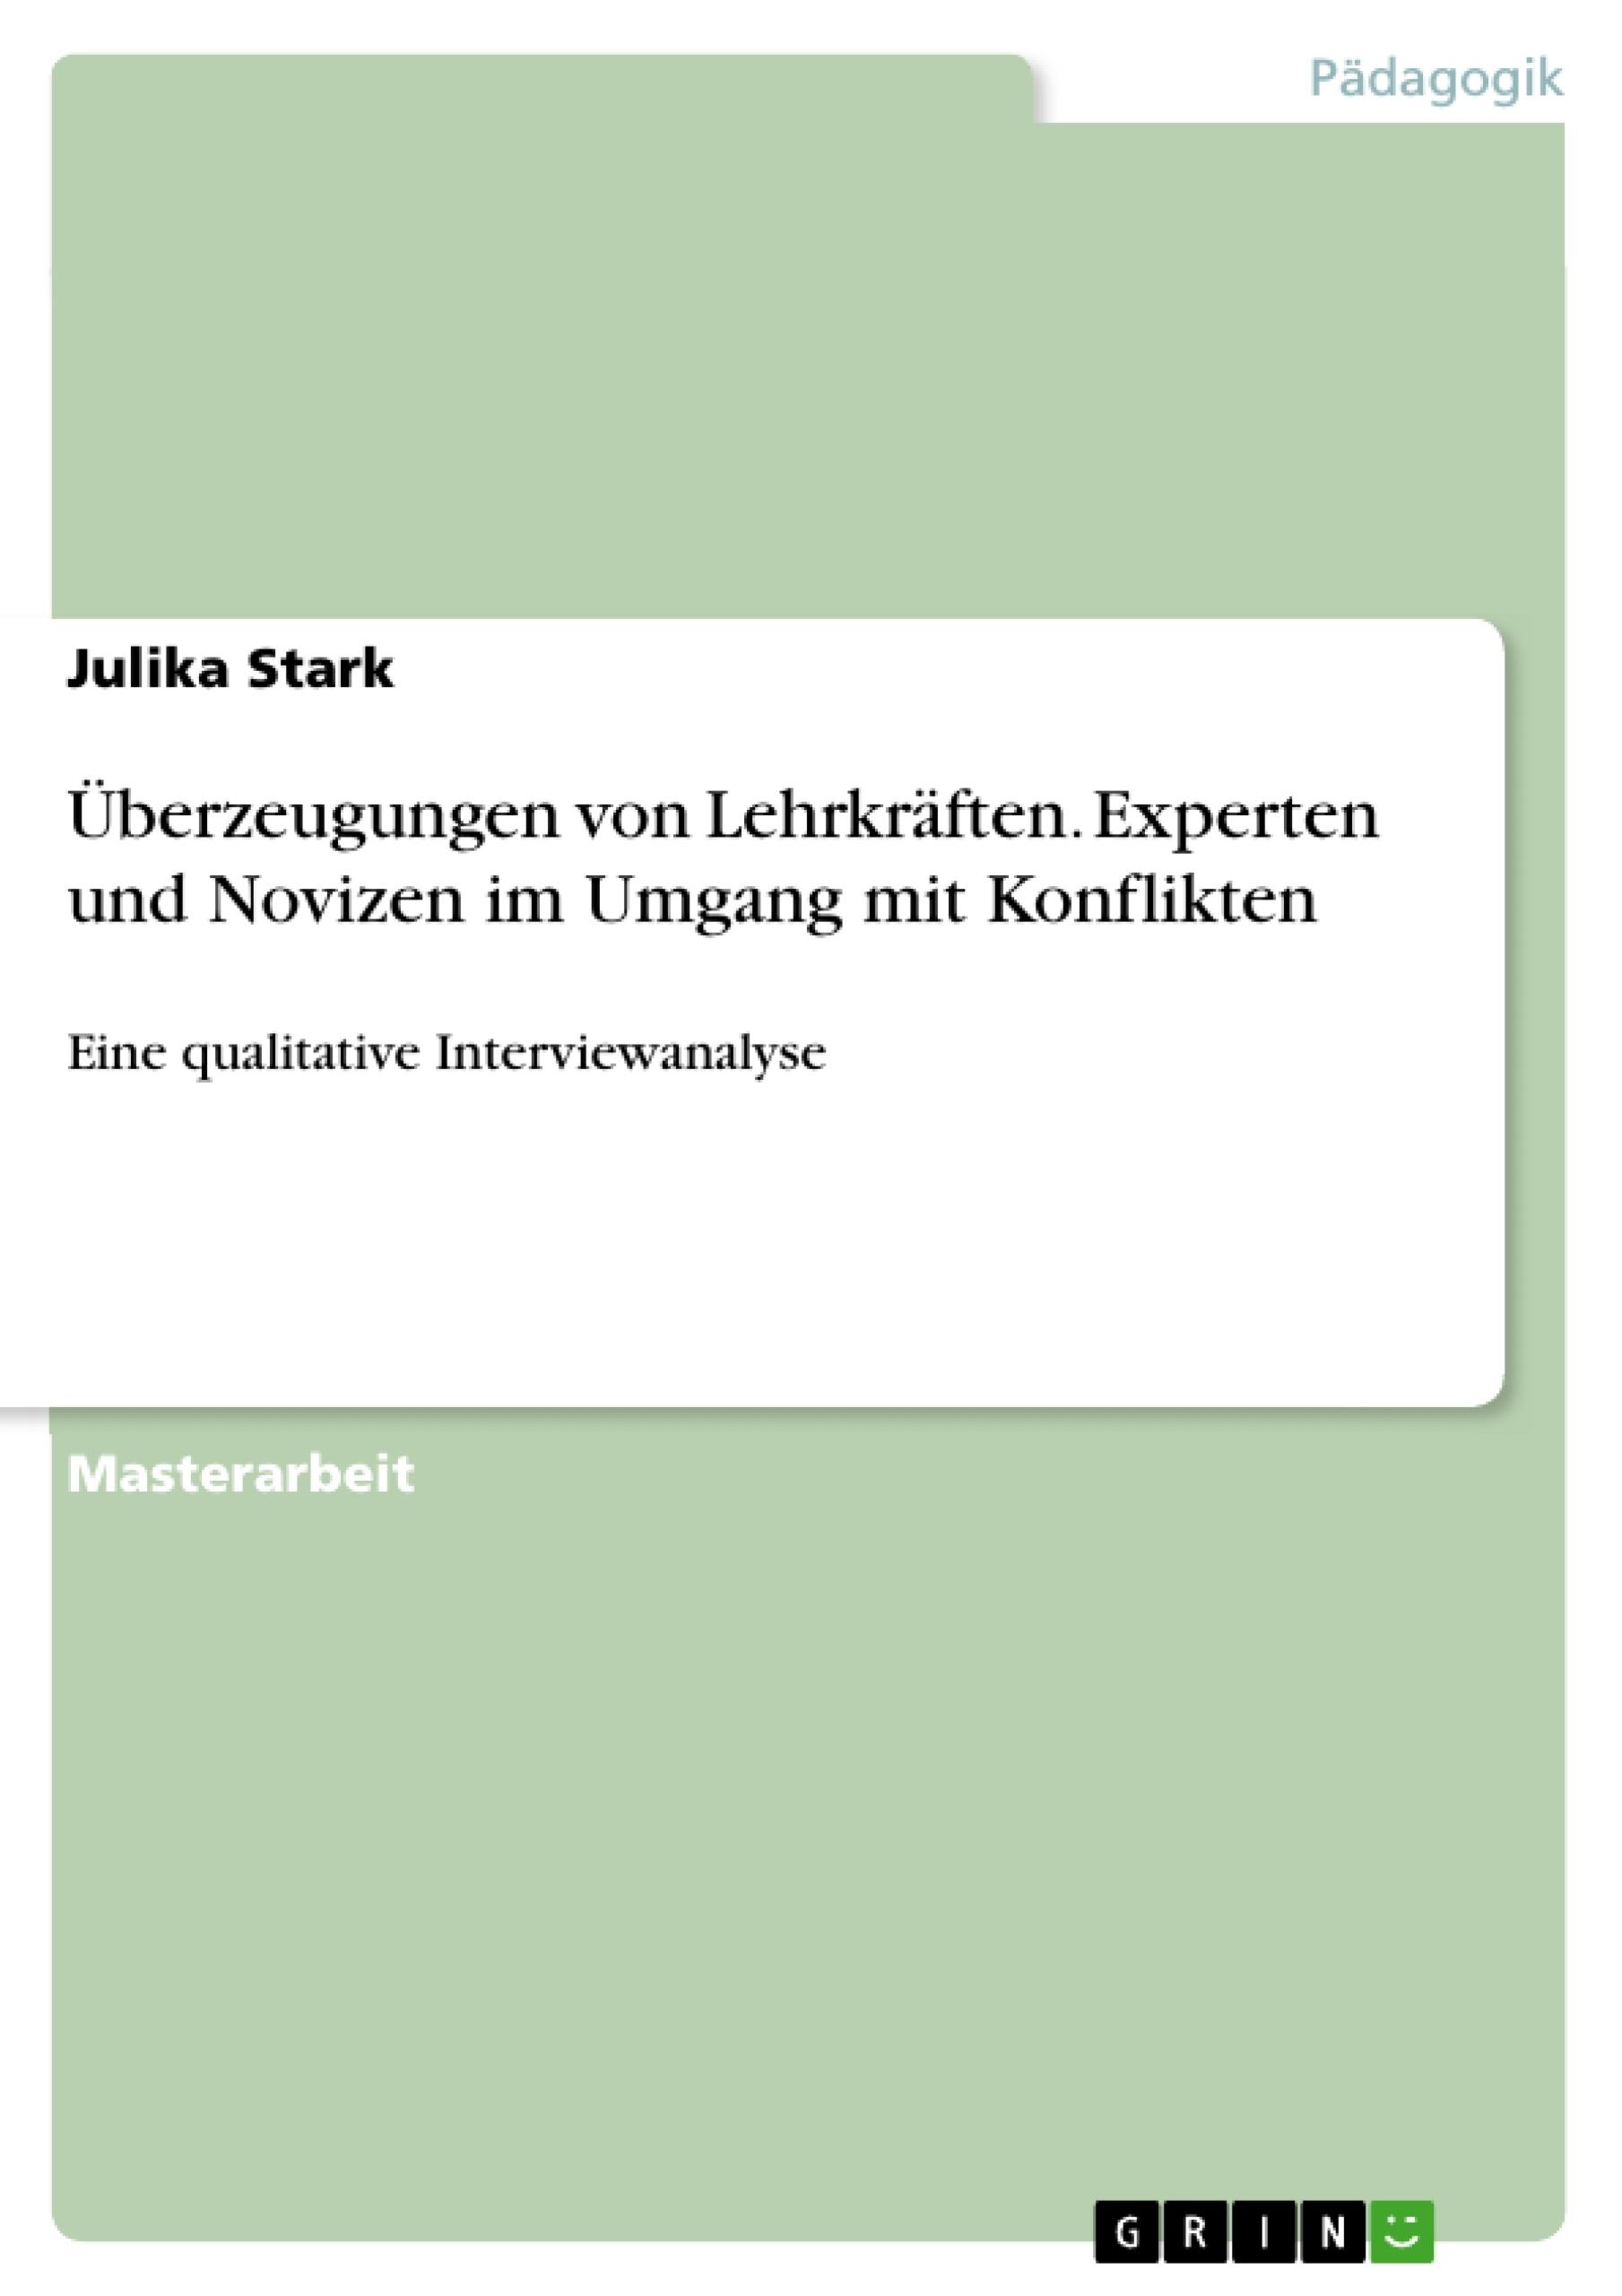 Titel: Überzeugungen von Lehrkräften. Experten und Novizen im Umgang mit Konflikten